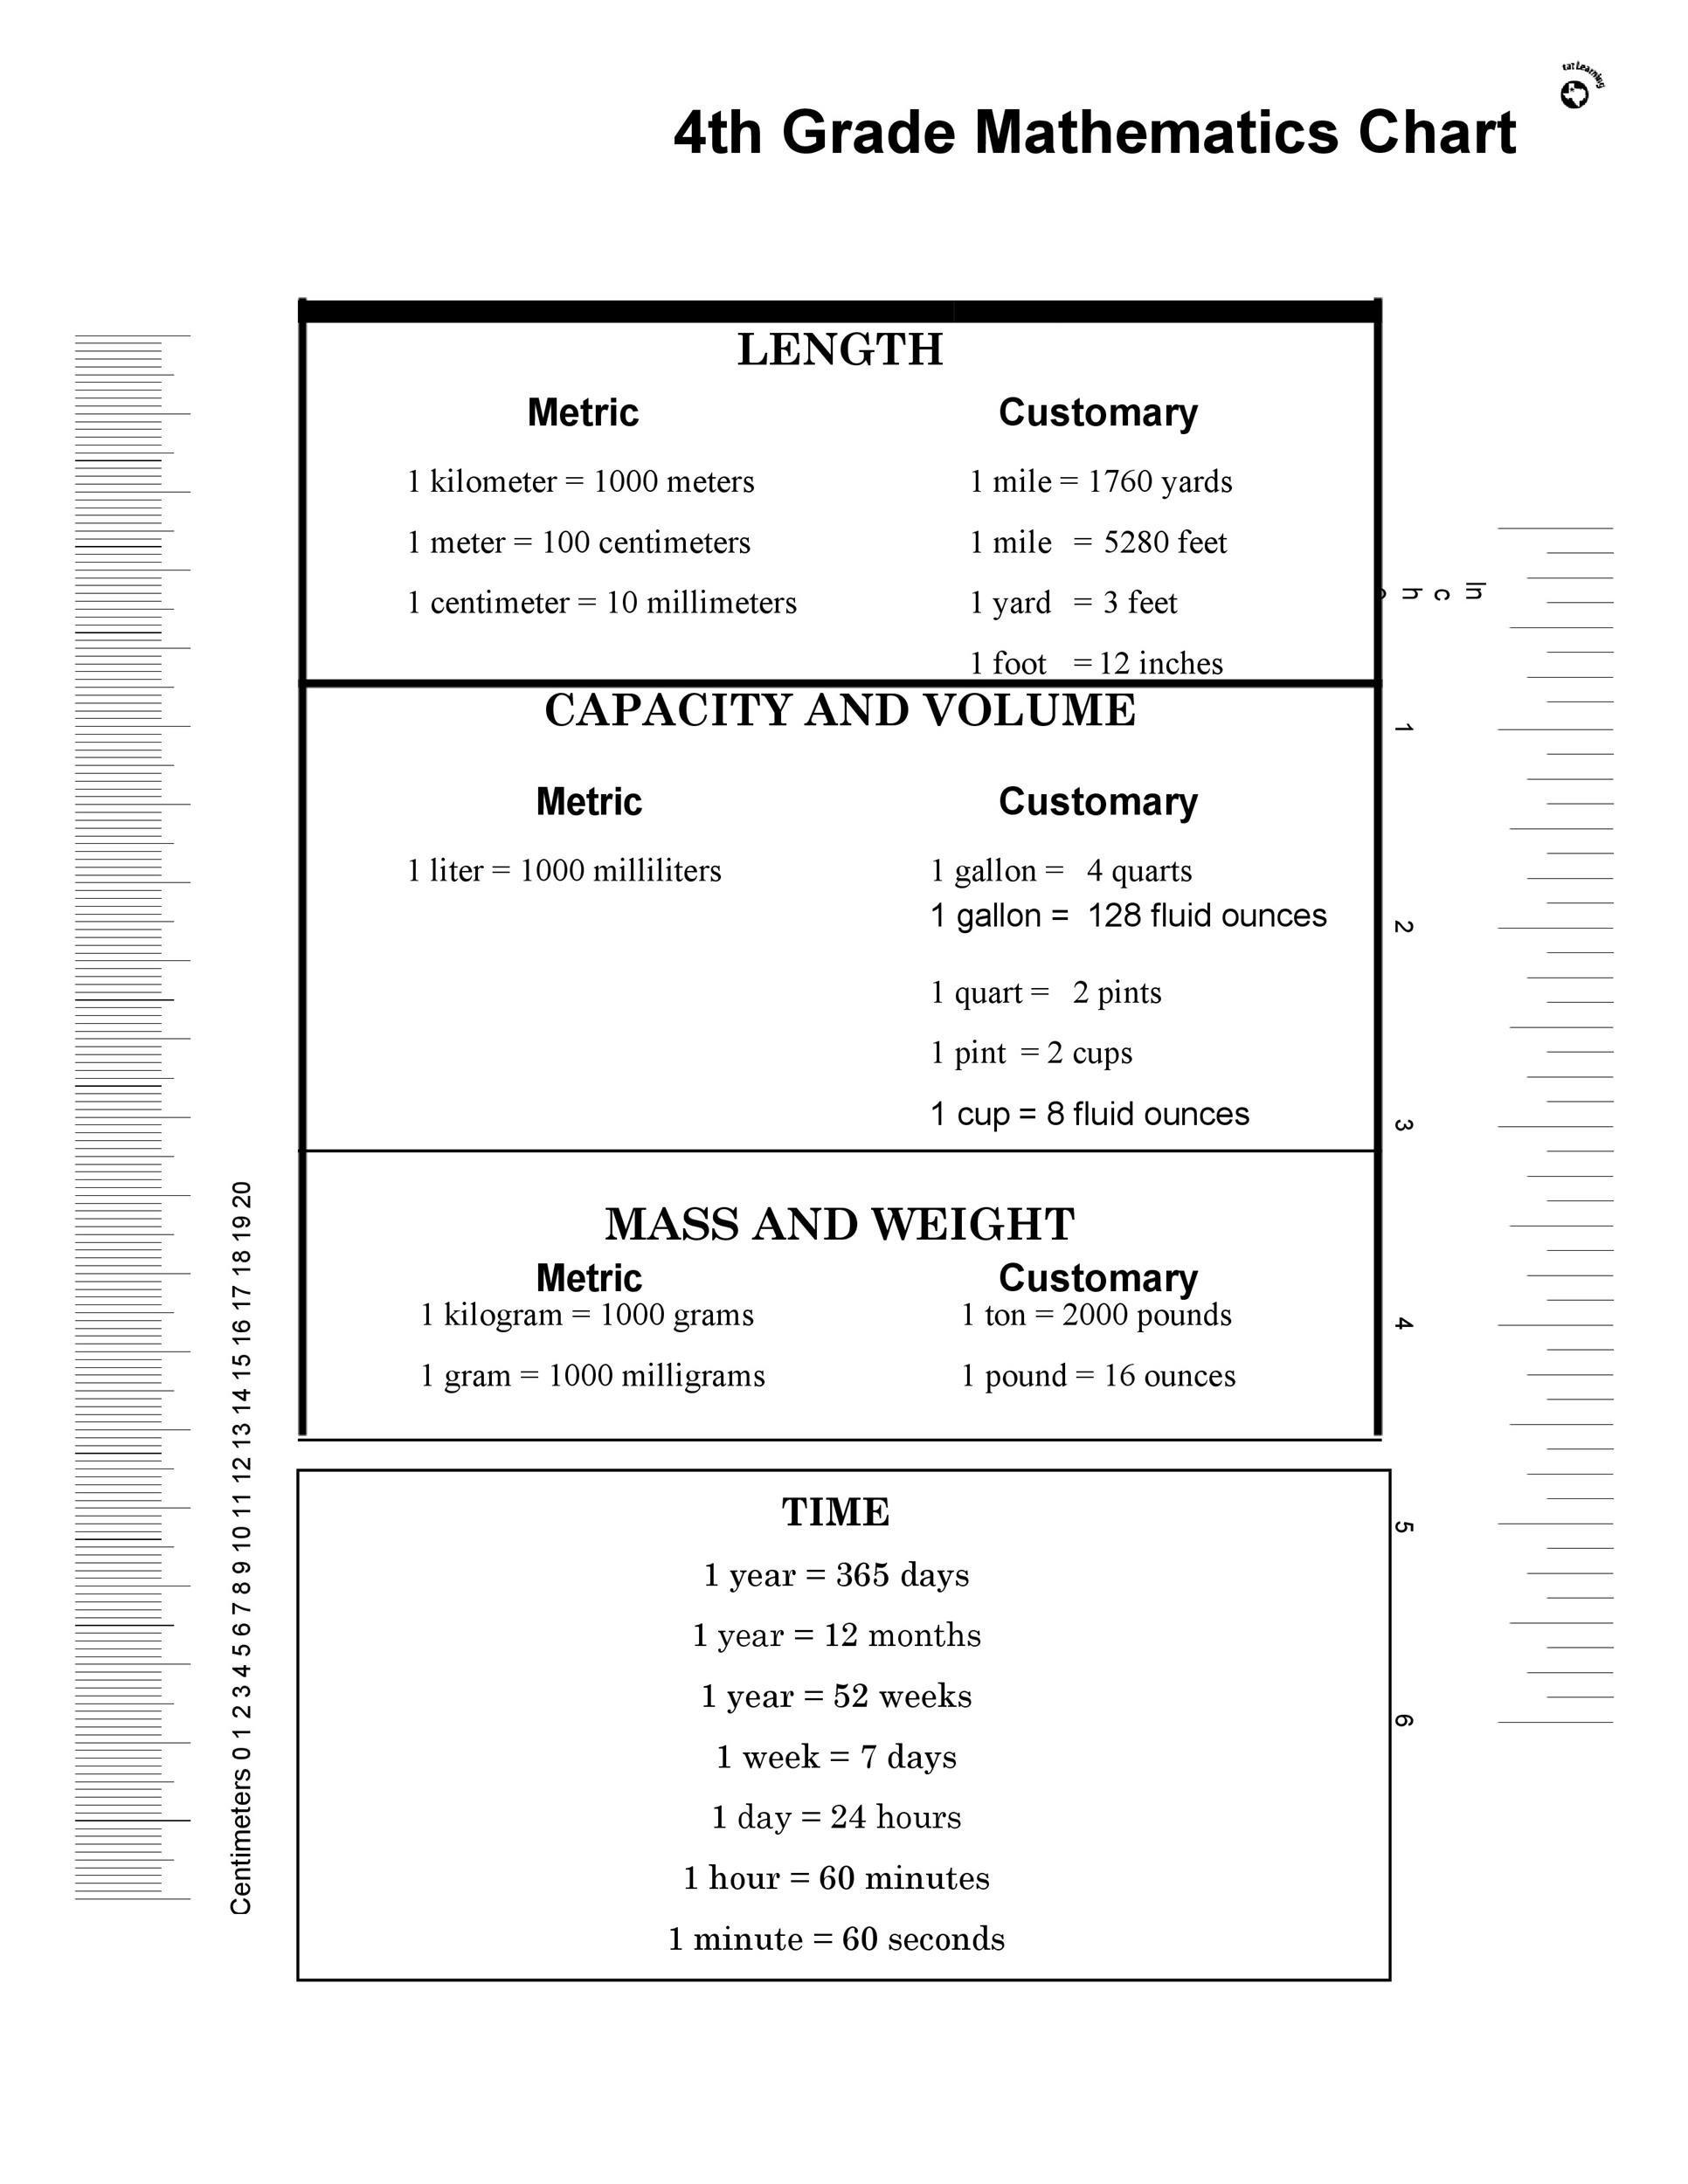 Free liquid measurements chart 35